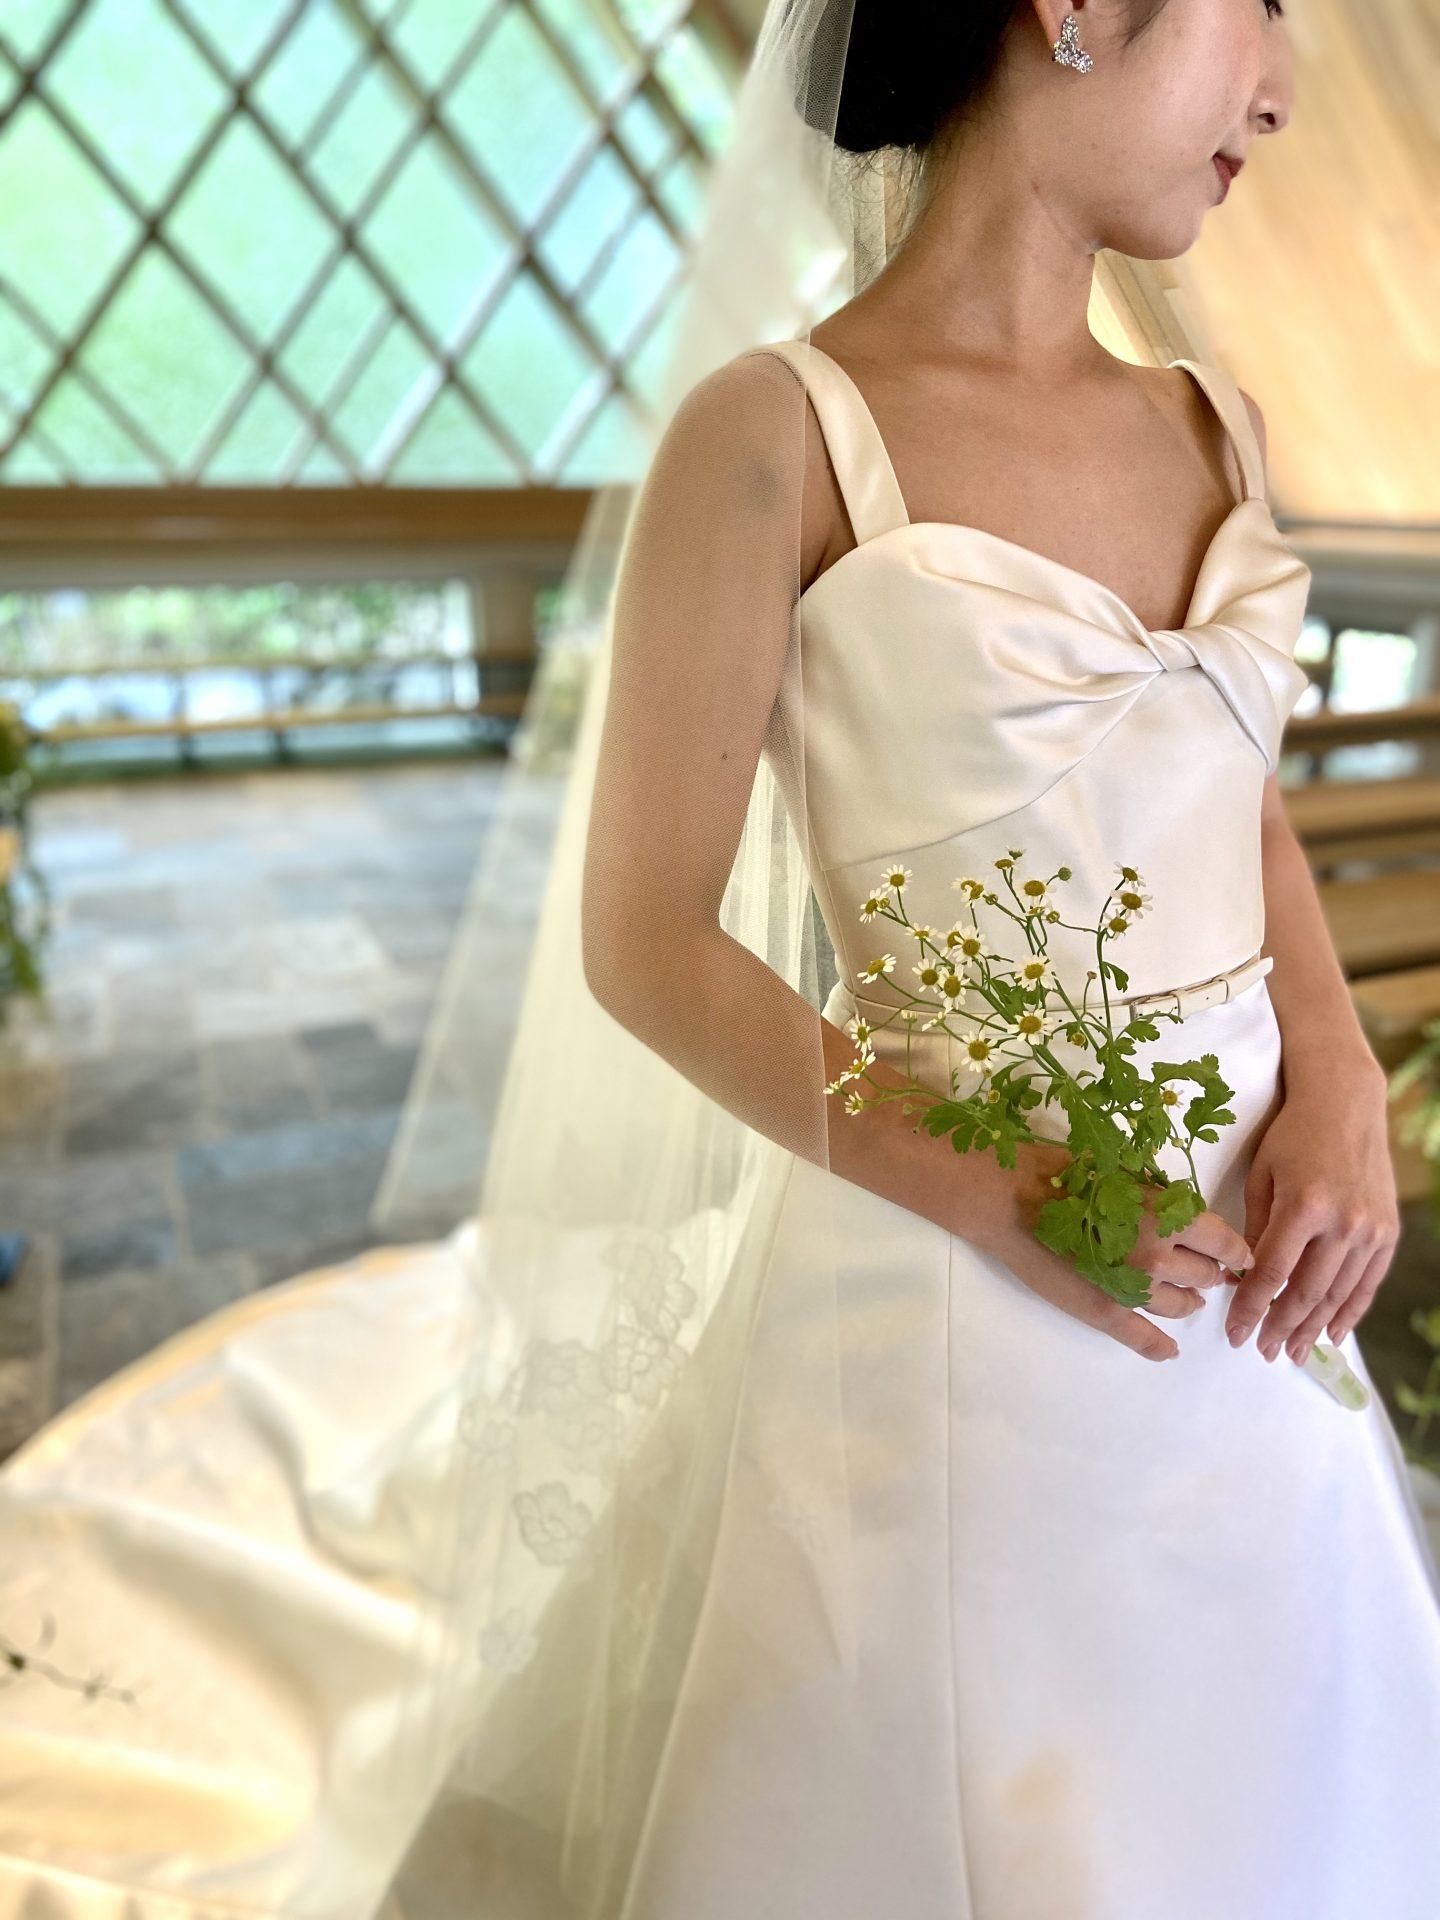 サテン生地のウェディングドレスに小花のブーケとフラワーモチーフのショートベールを合わせたナチュラルなコーディネート